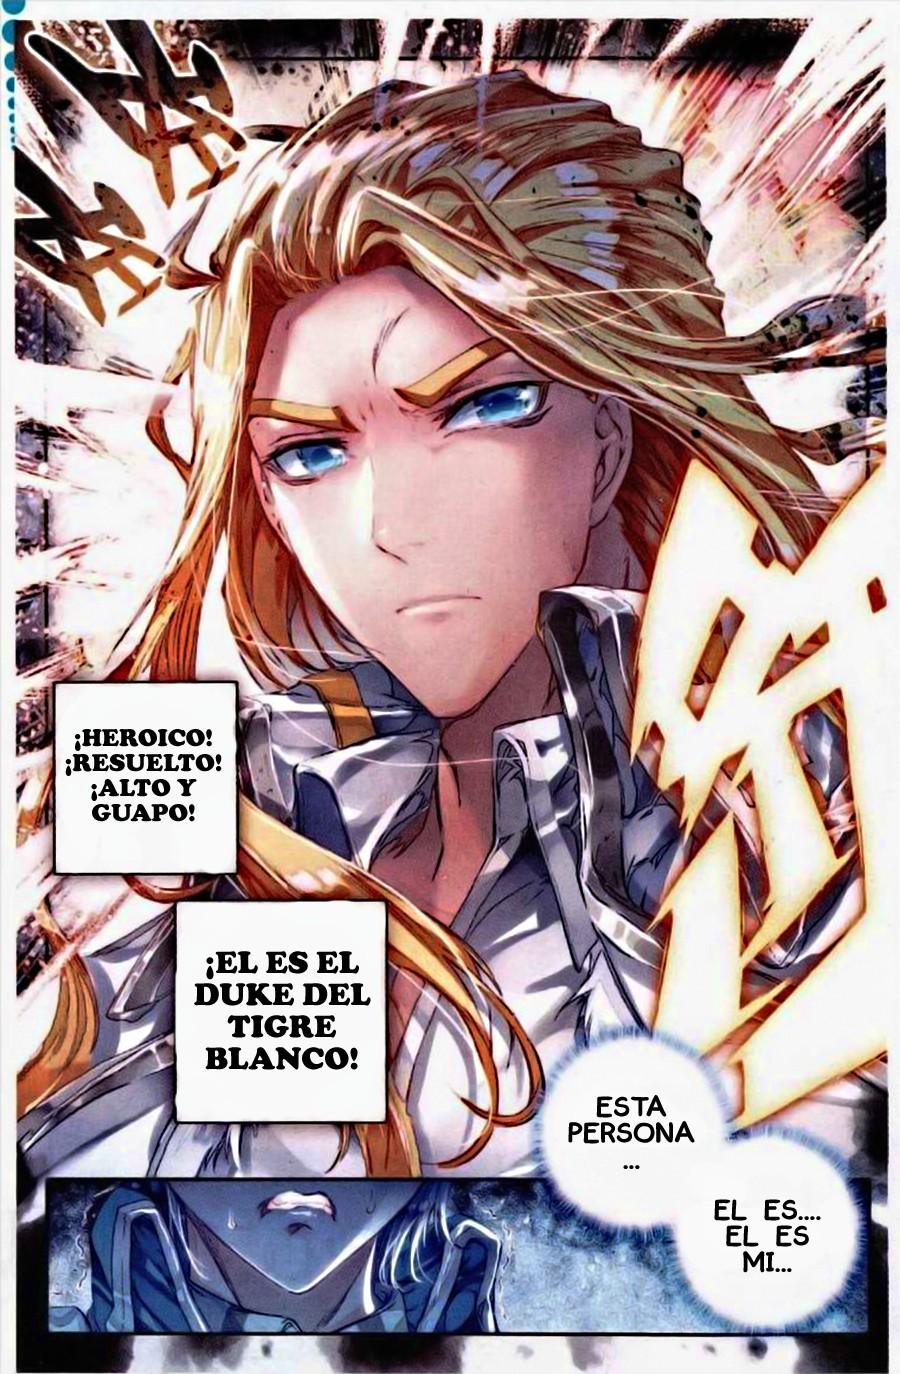 http://c5.ninemanga.com/es_manga/33/16417/435618/4b59302975883e8abcc907d9abff9449.jpg Page 4